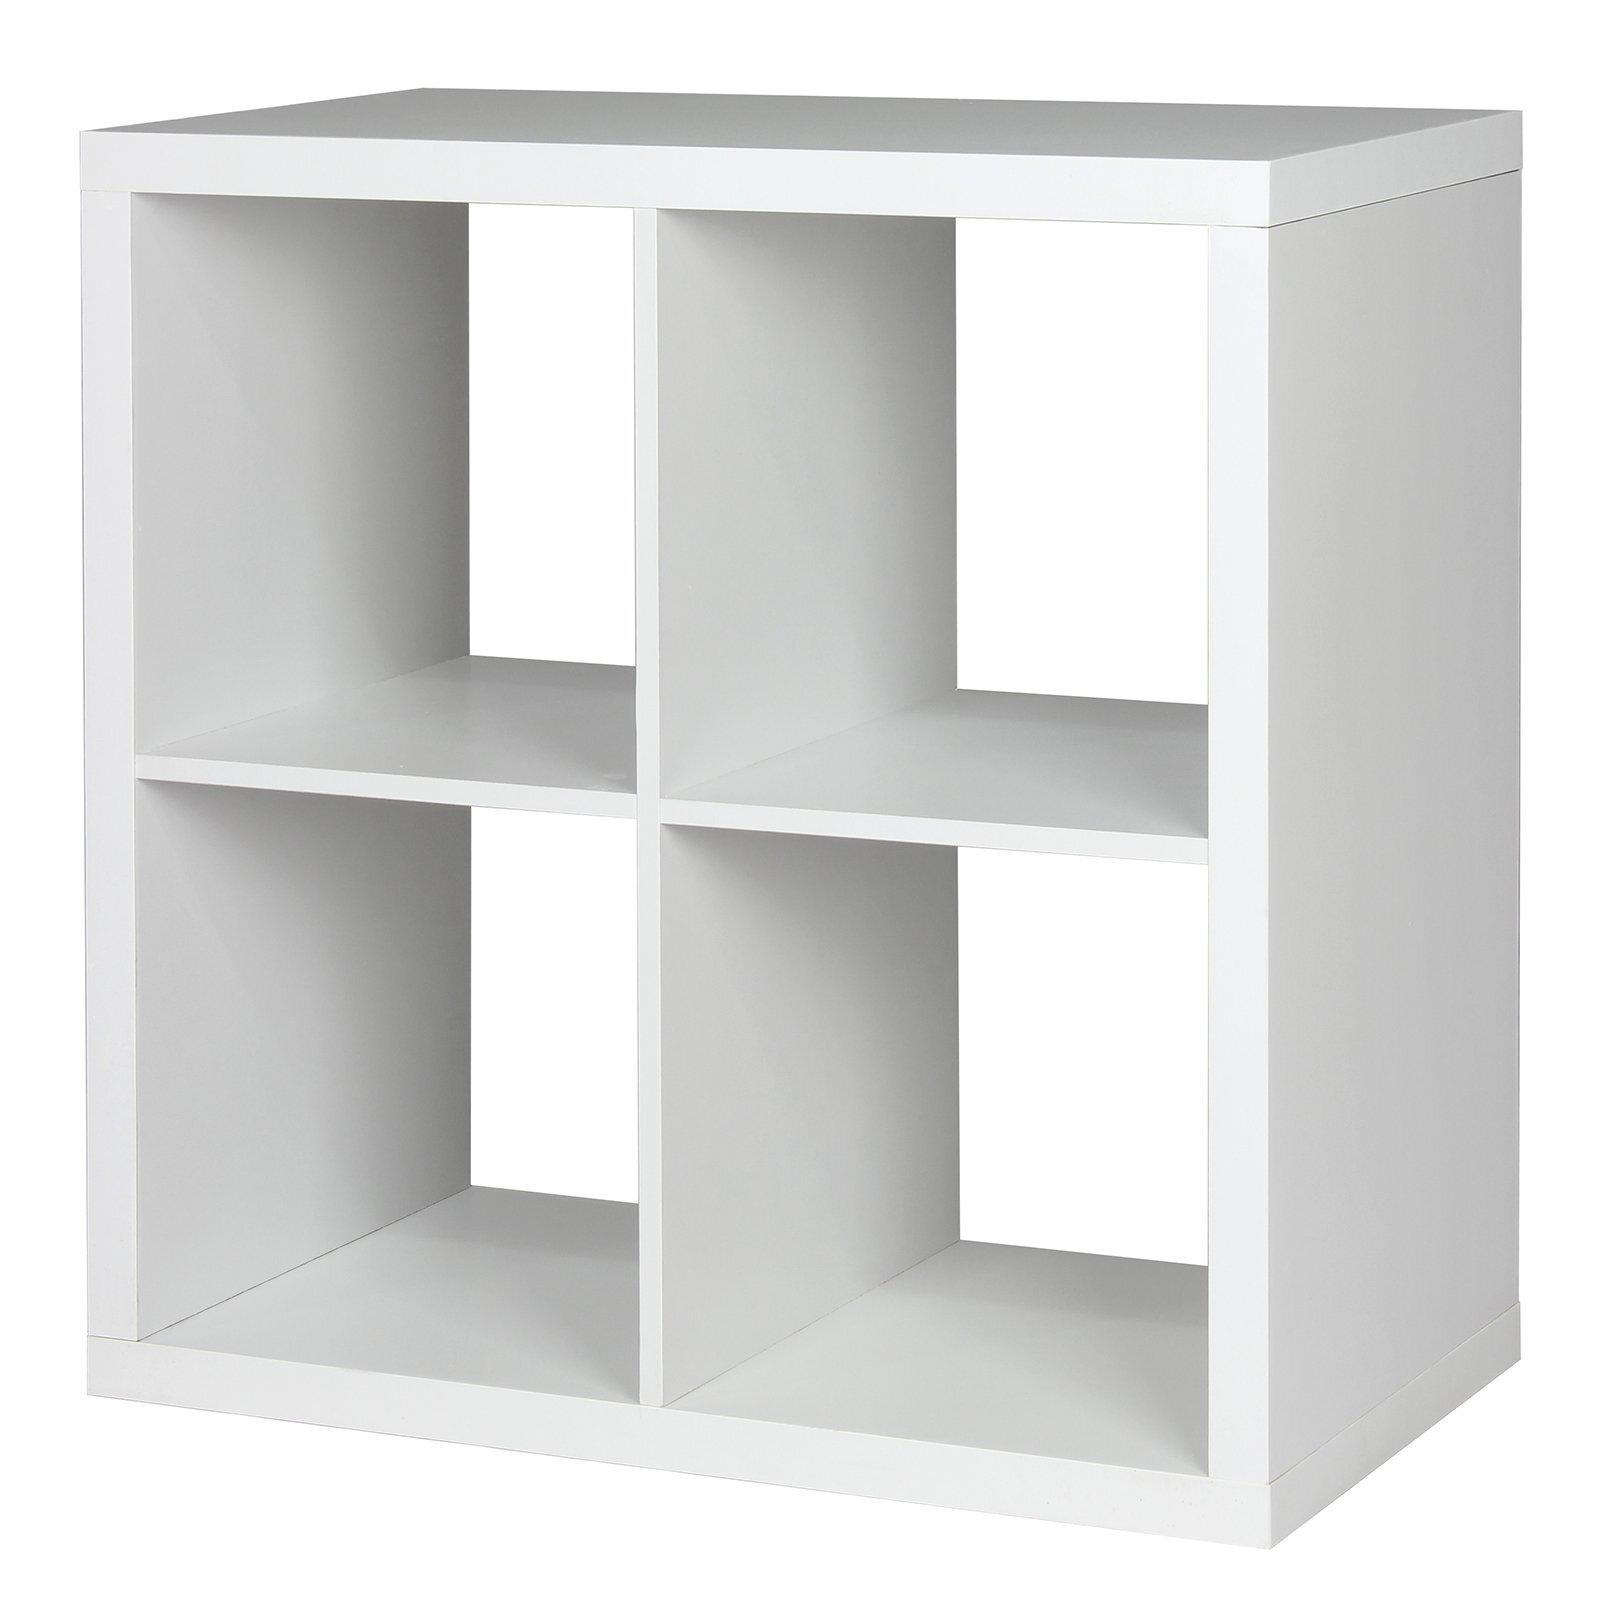 Flexi Storage Clever Cube 76 x 39 x 76cm 2 x 2 Cube Unit - White